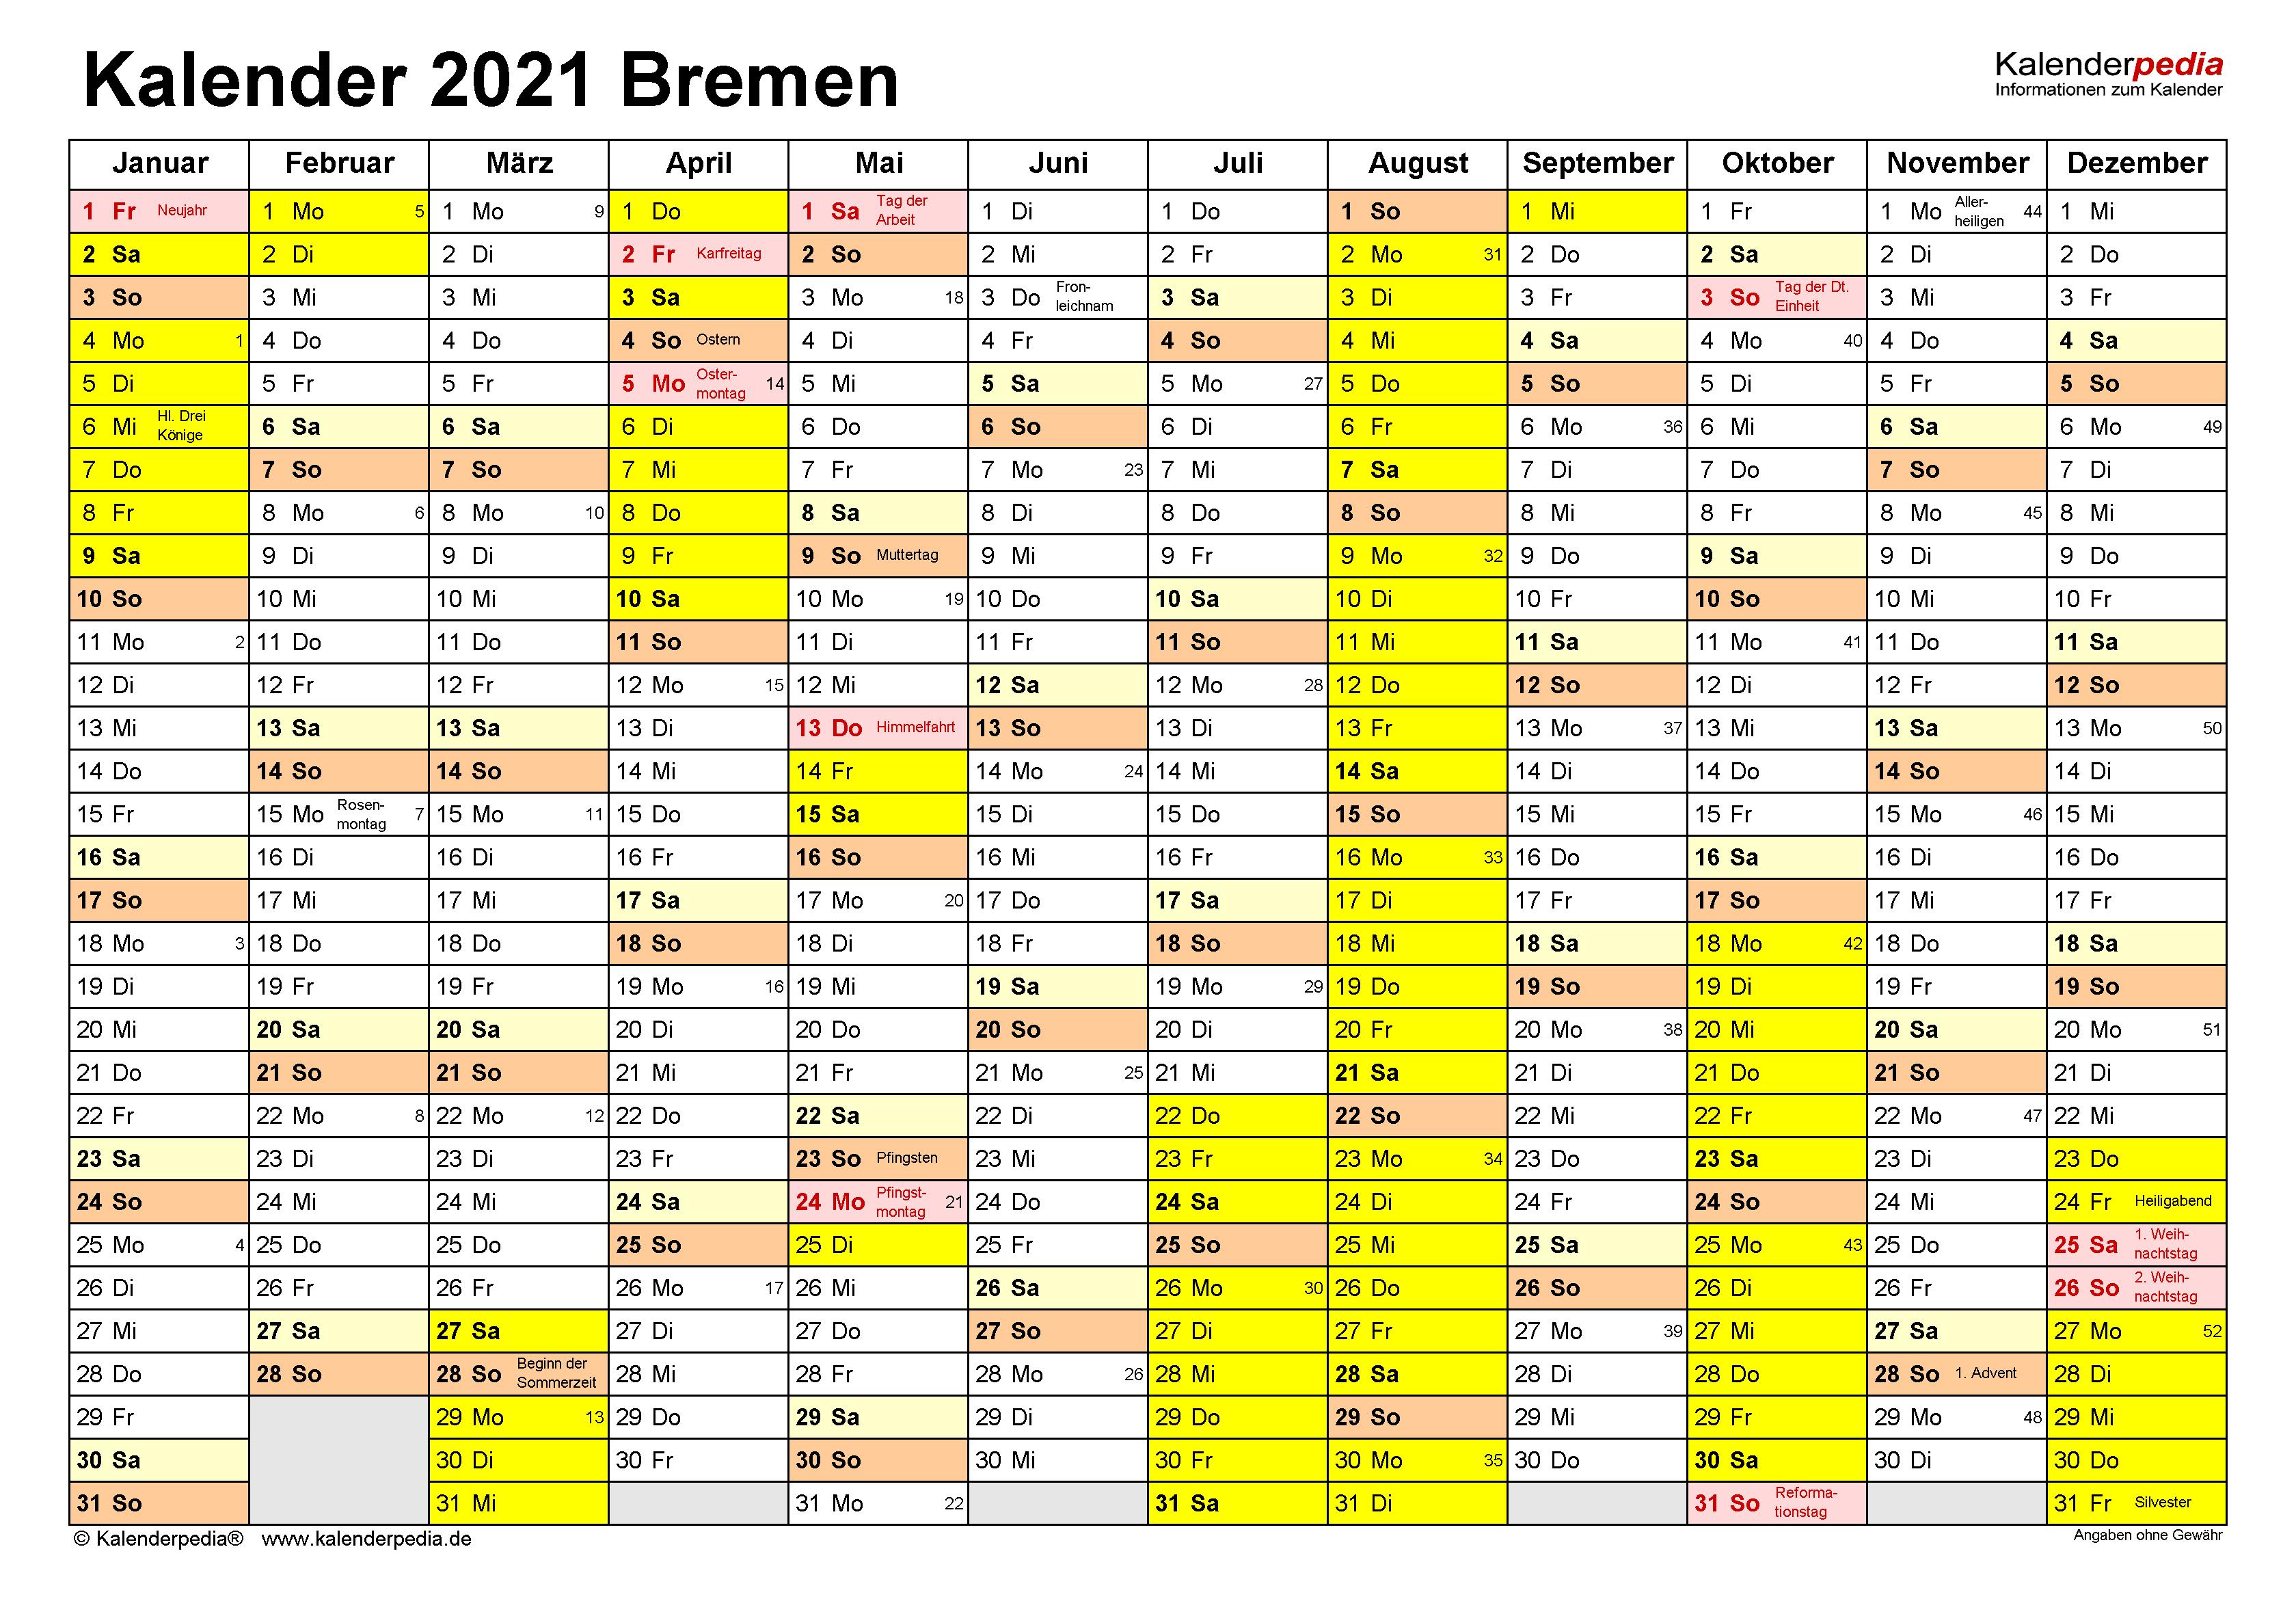 Kalender 2021 Bremen: Ferien, Feiertage, PDF-Vorlagen